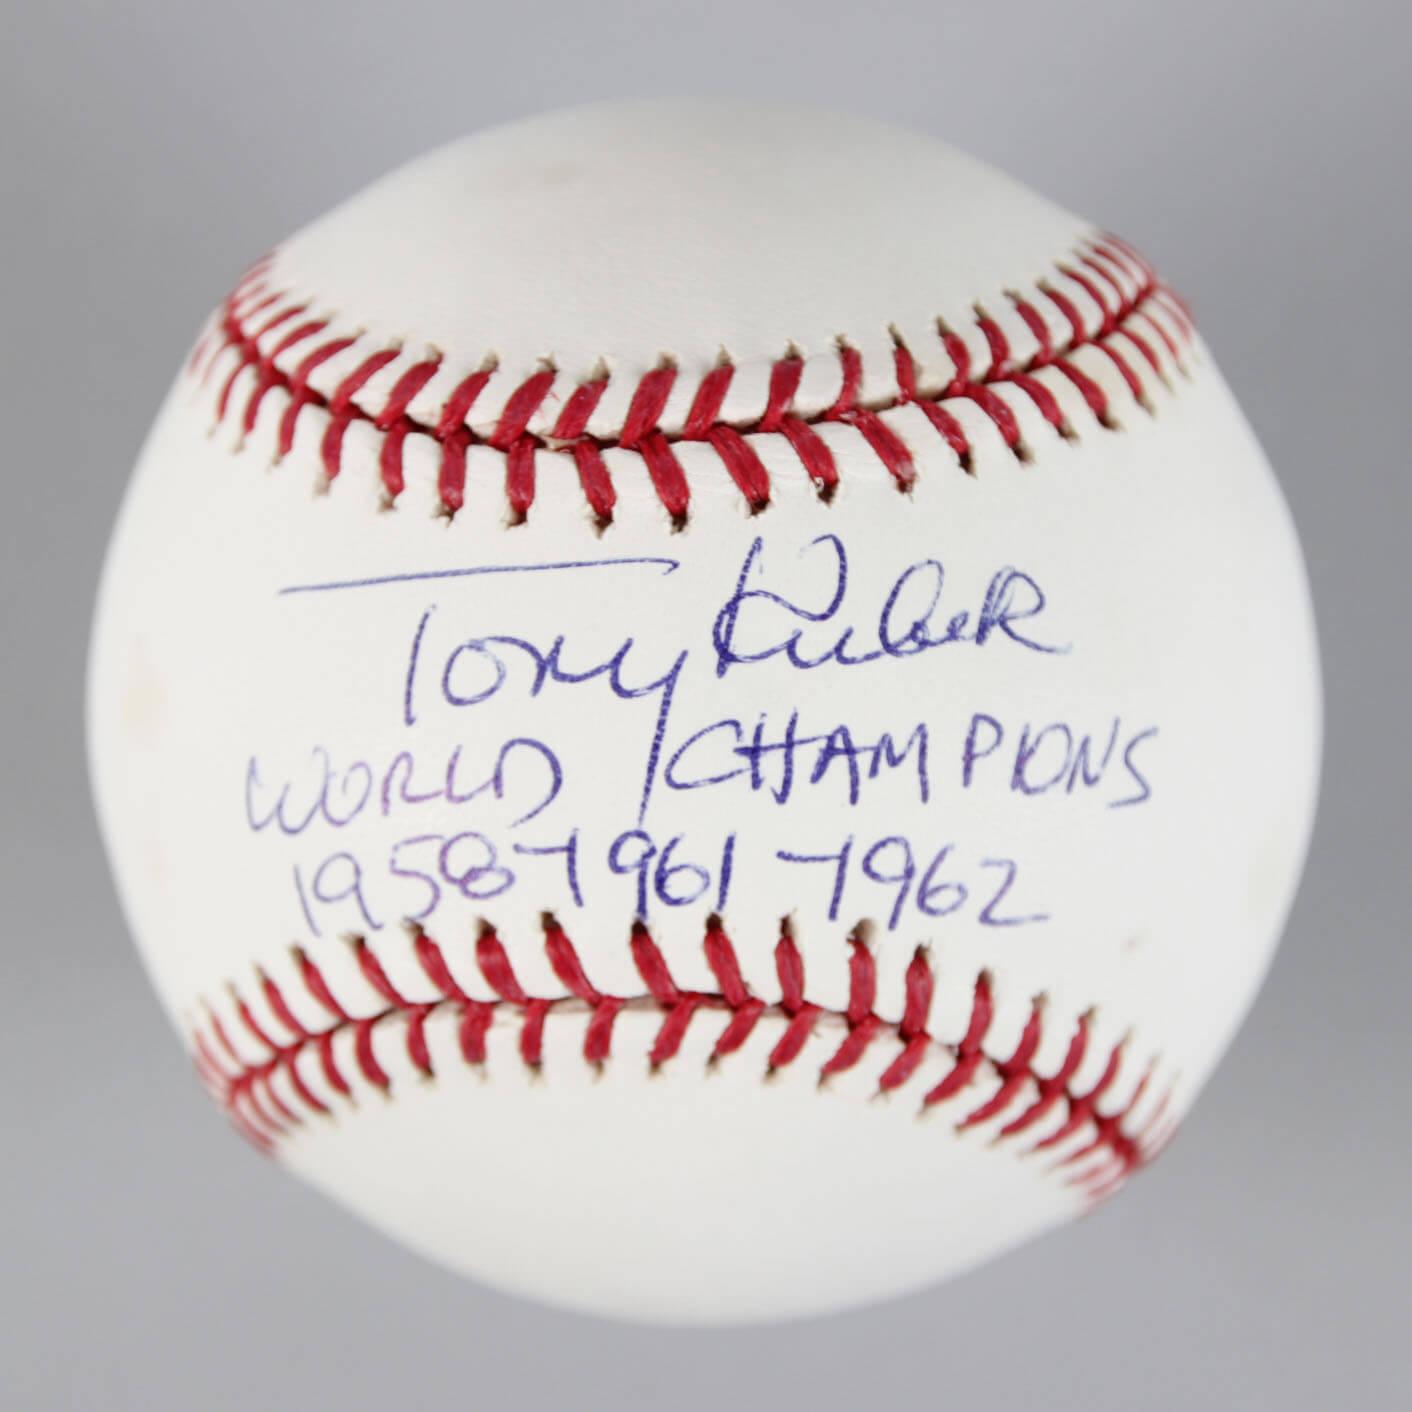 Tony Kubek Signed Baseball Yankees - COA MLB